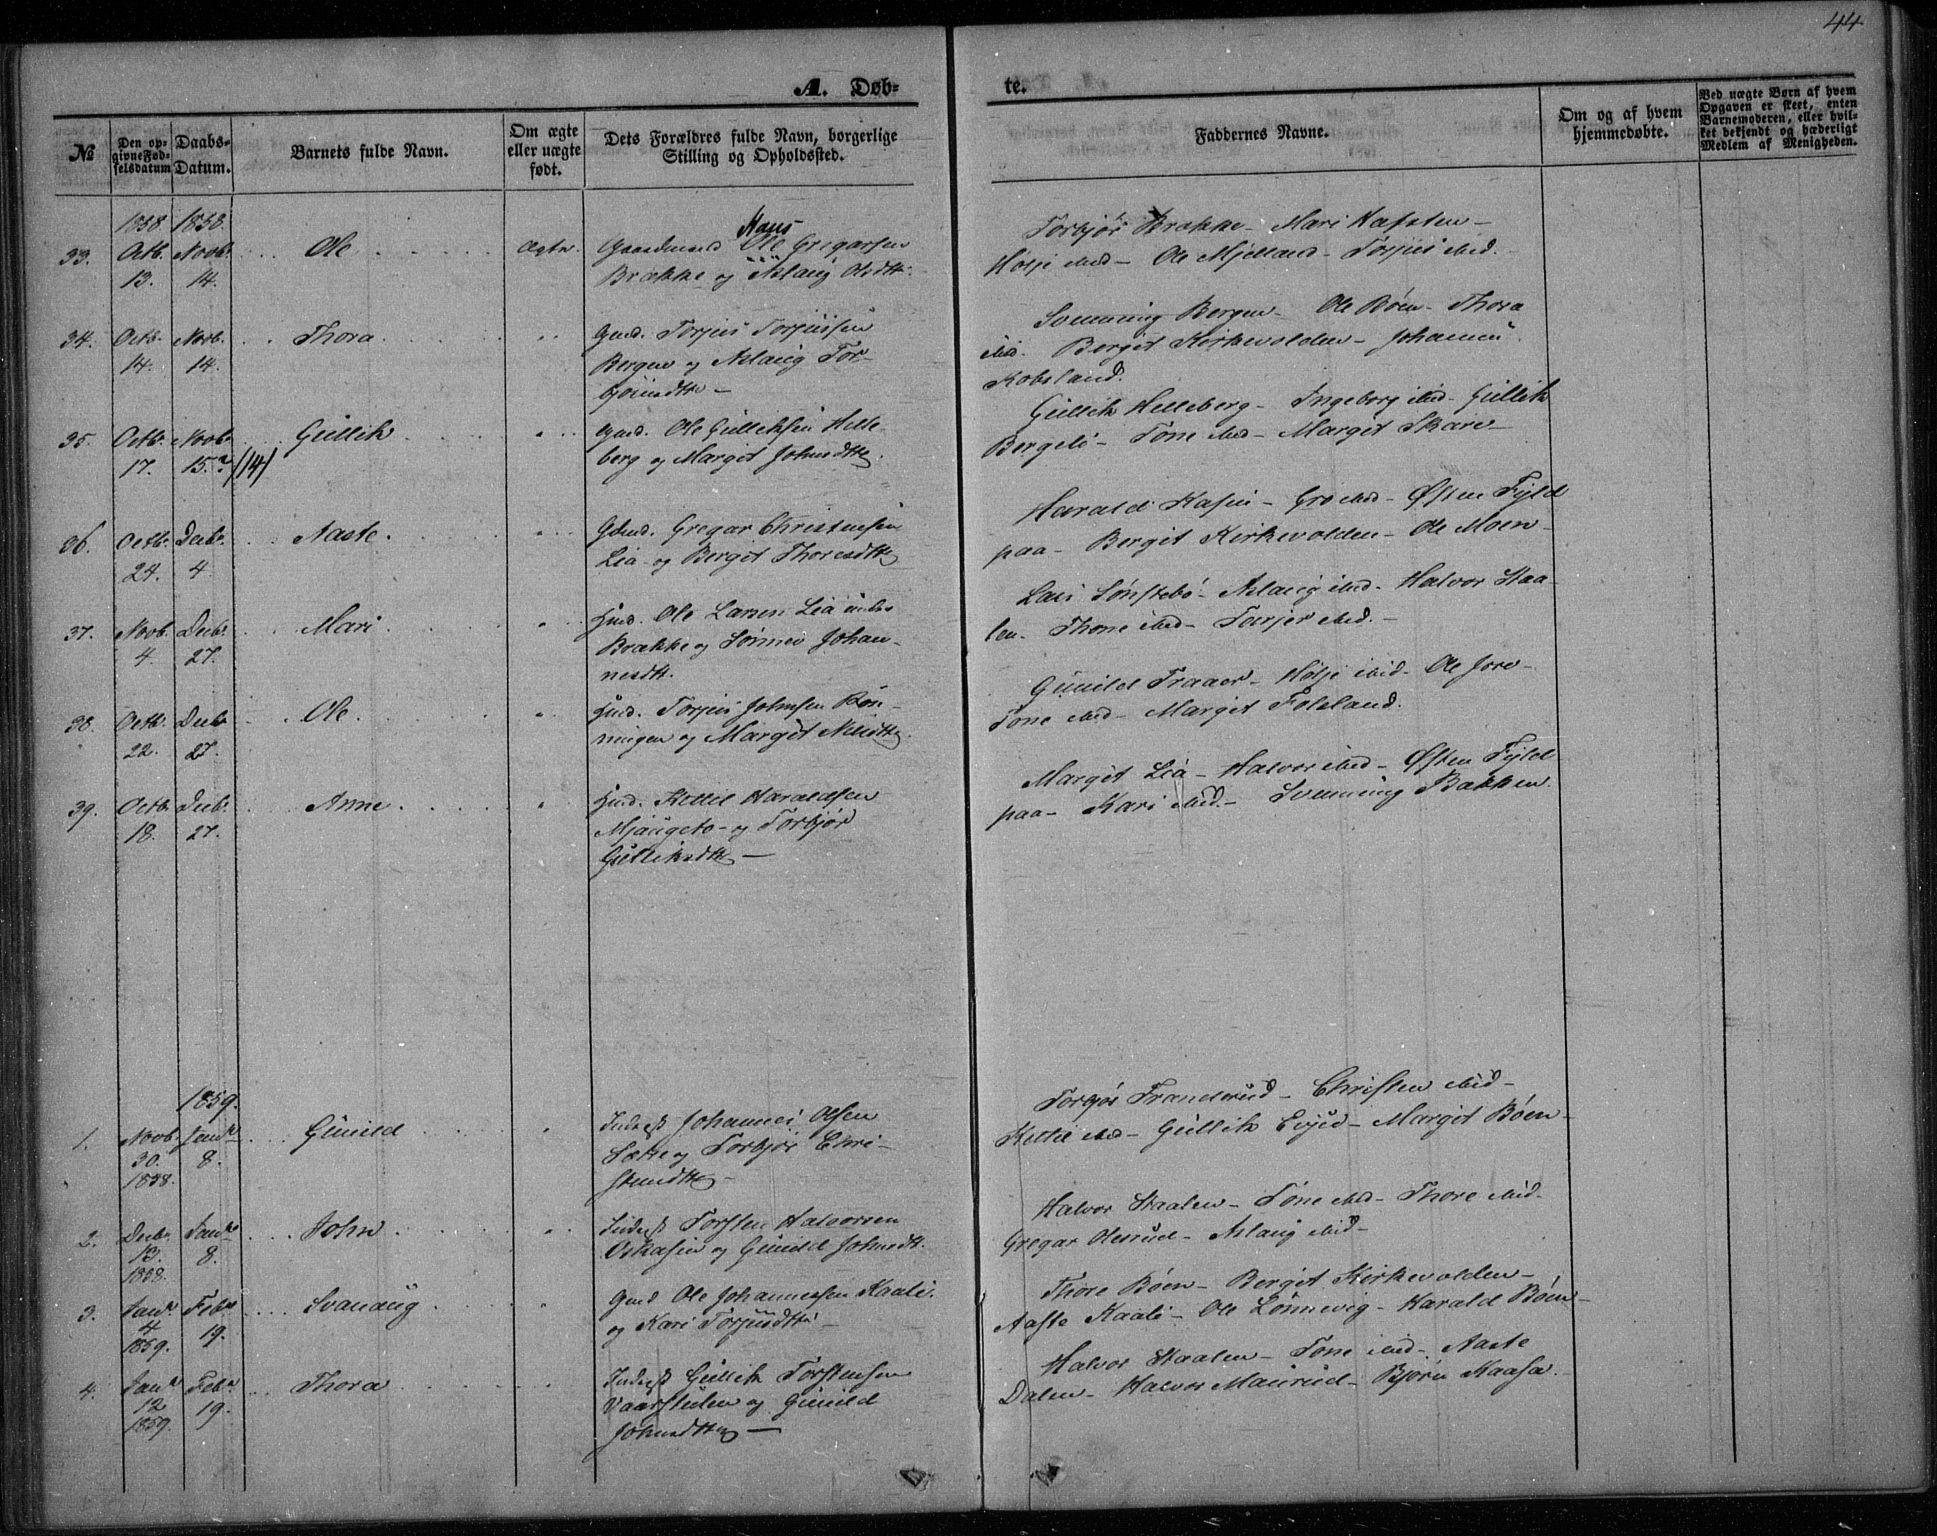 SAKO, Gransherad kirkebøker, F/Fa/L0002: Ministerialbok nr. I 2, 1844-1859, s. 44